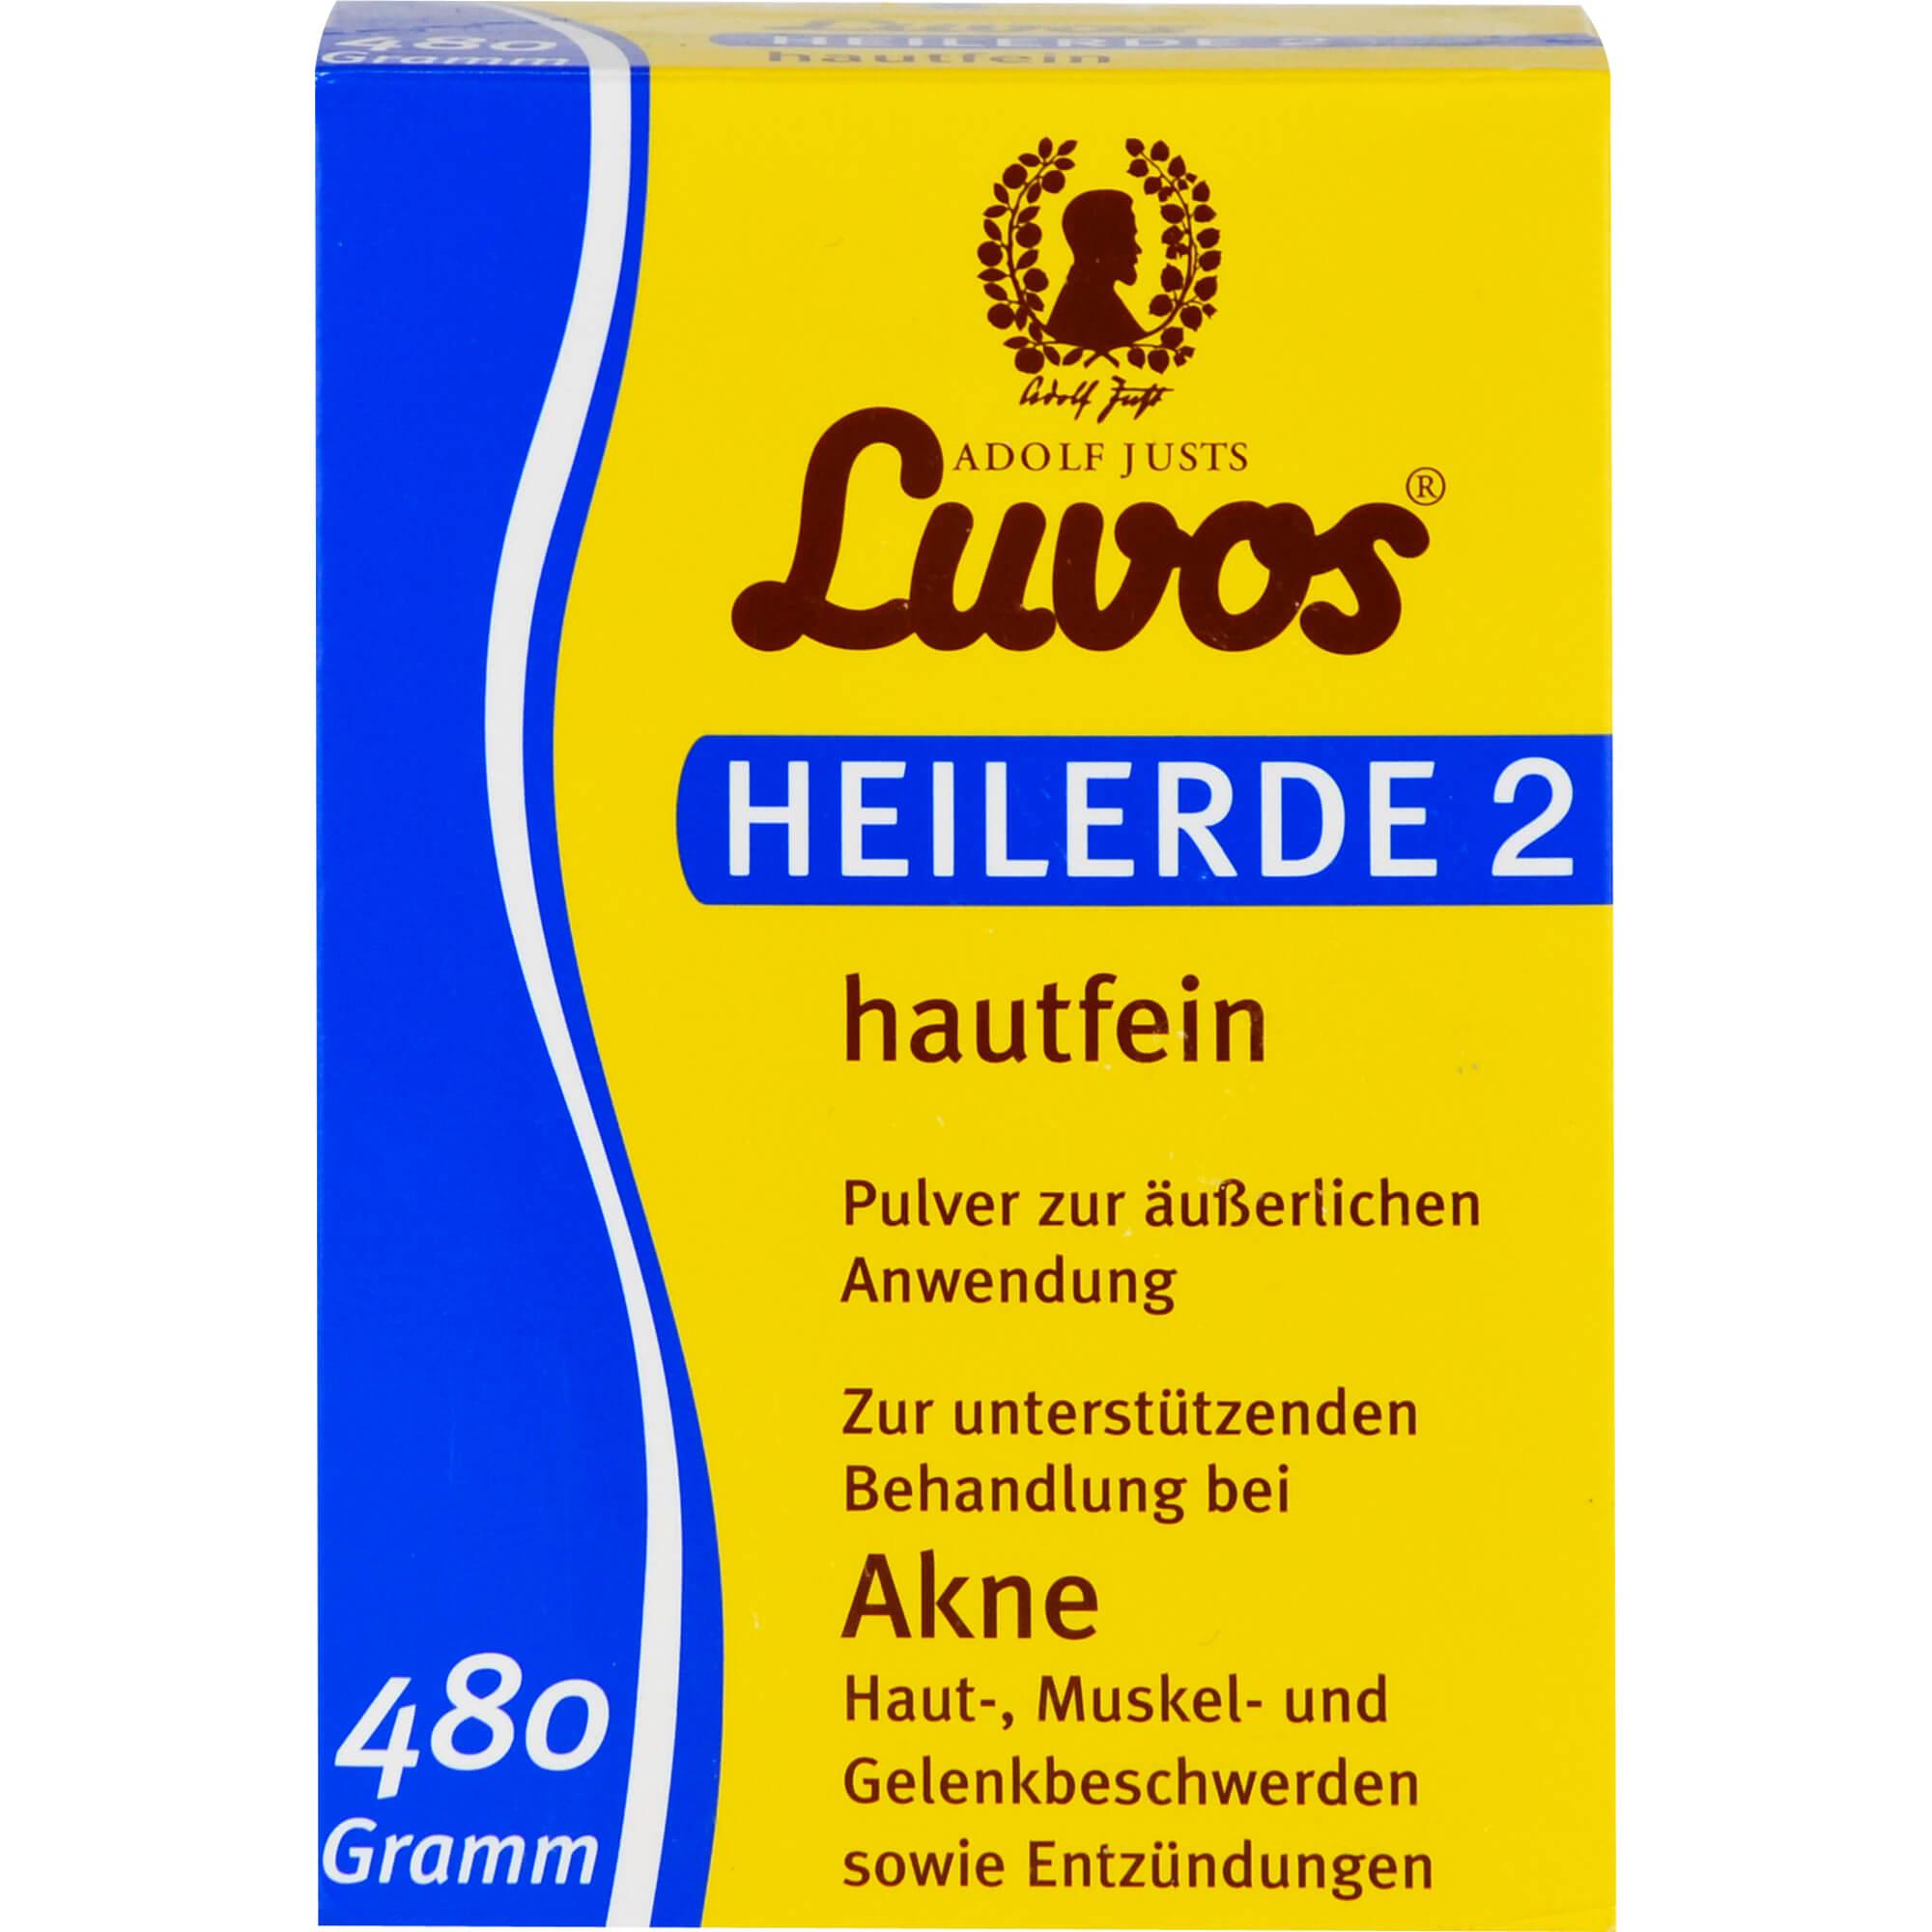 LUVOS-Heilerde-2-hautfein